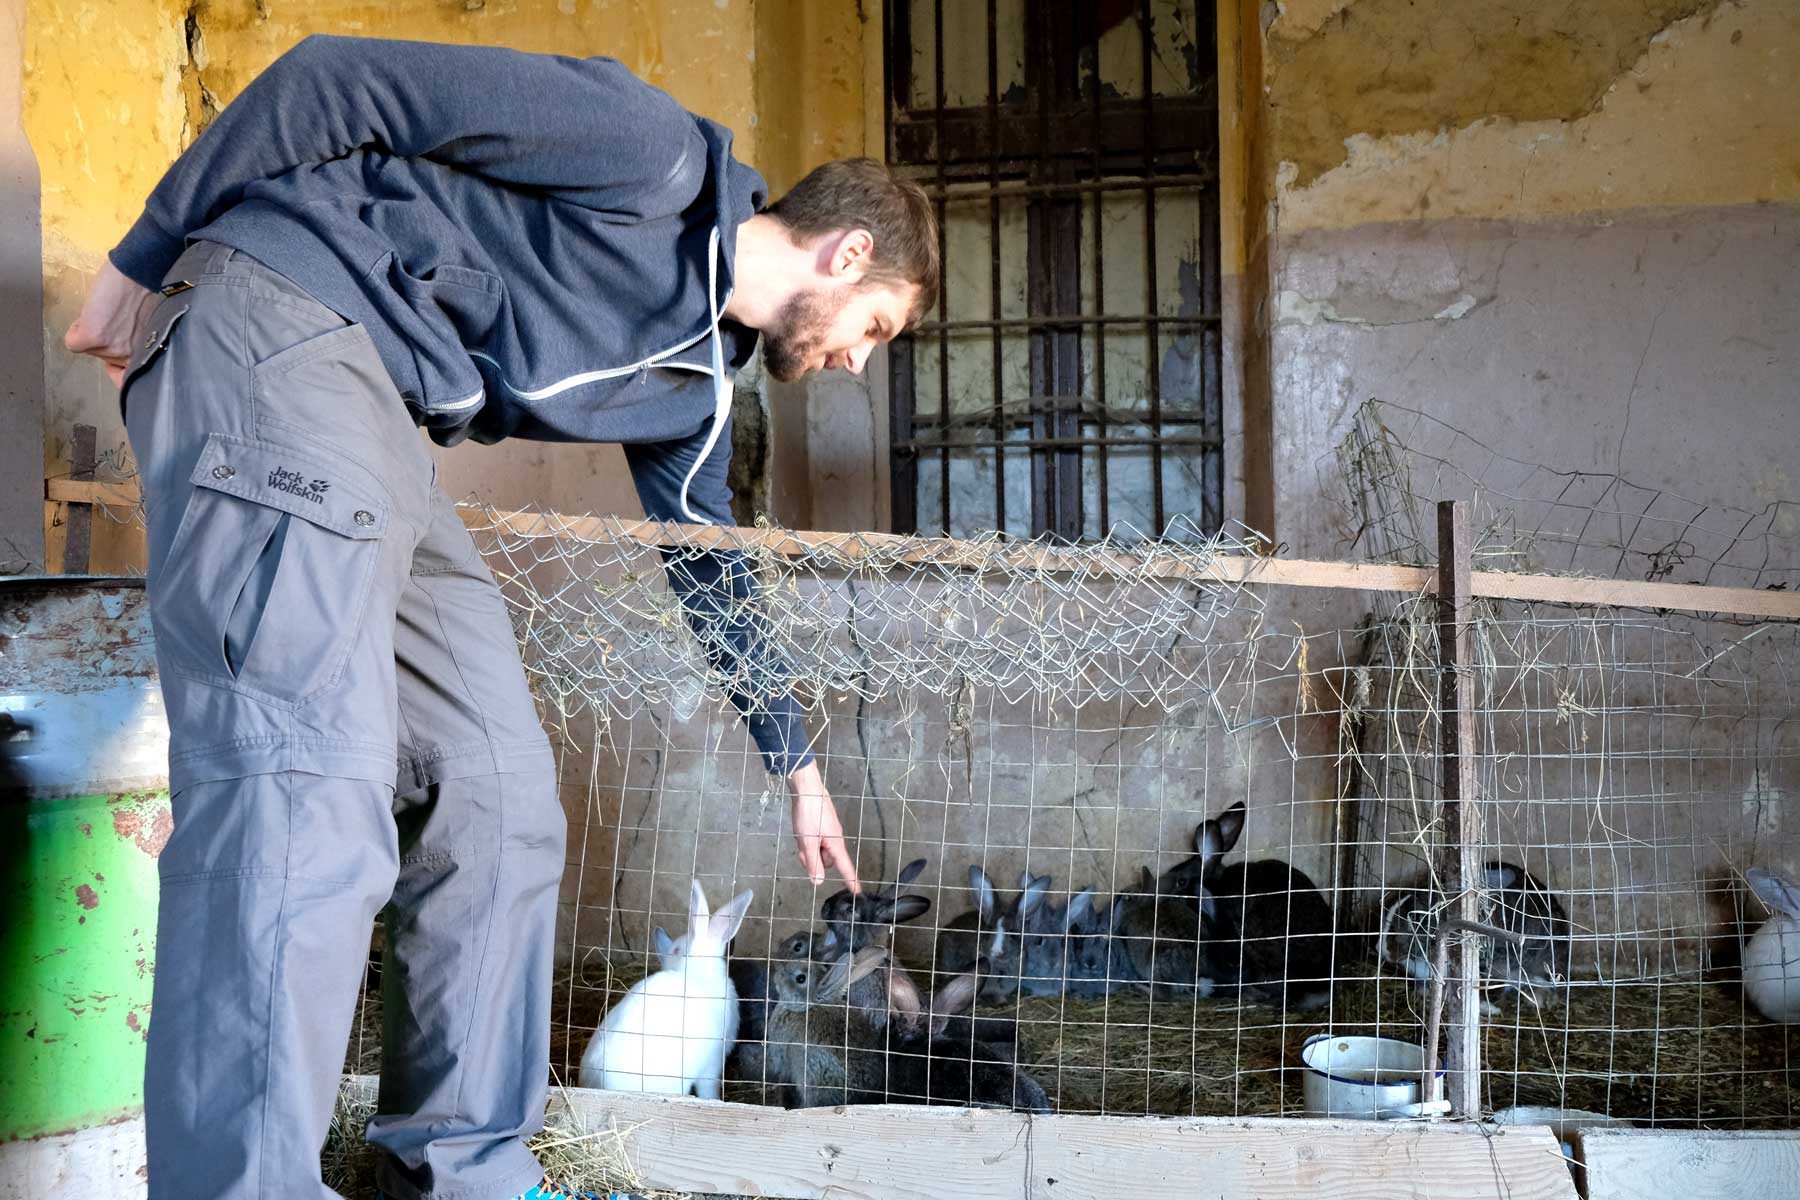 Sebastian streichelt die niedlichen Hasen. Zu diesem Zeitpunkt wissen wir noch nicht, dass wir die Tierchen später beim Abendessen wiedersehen werden...